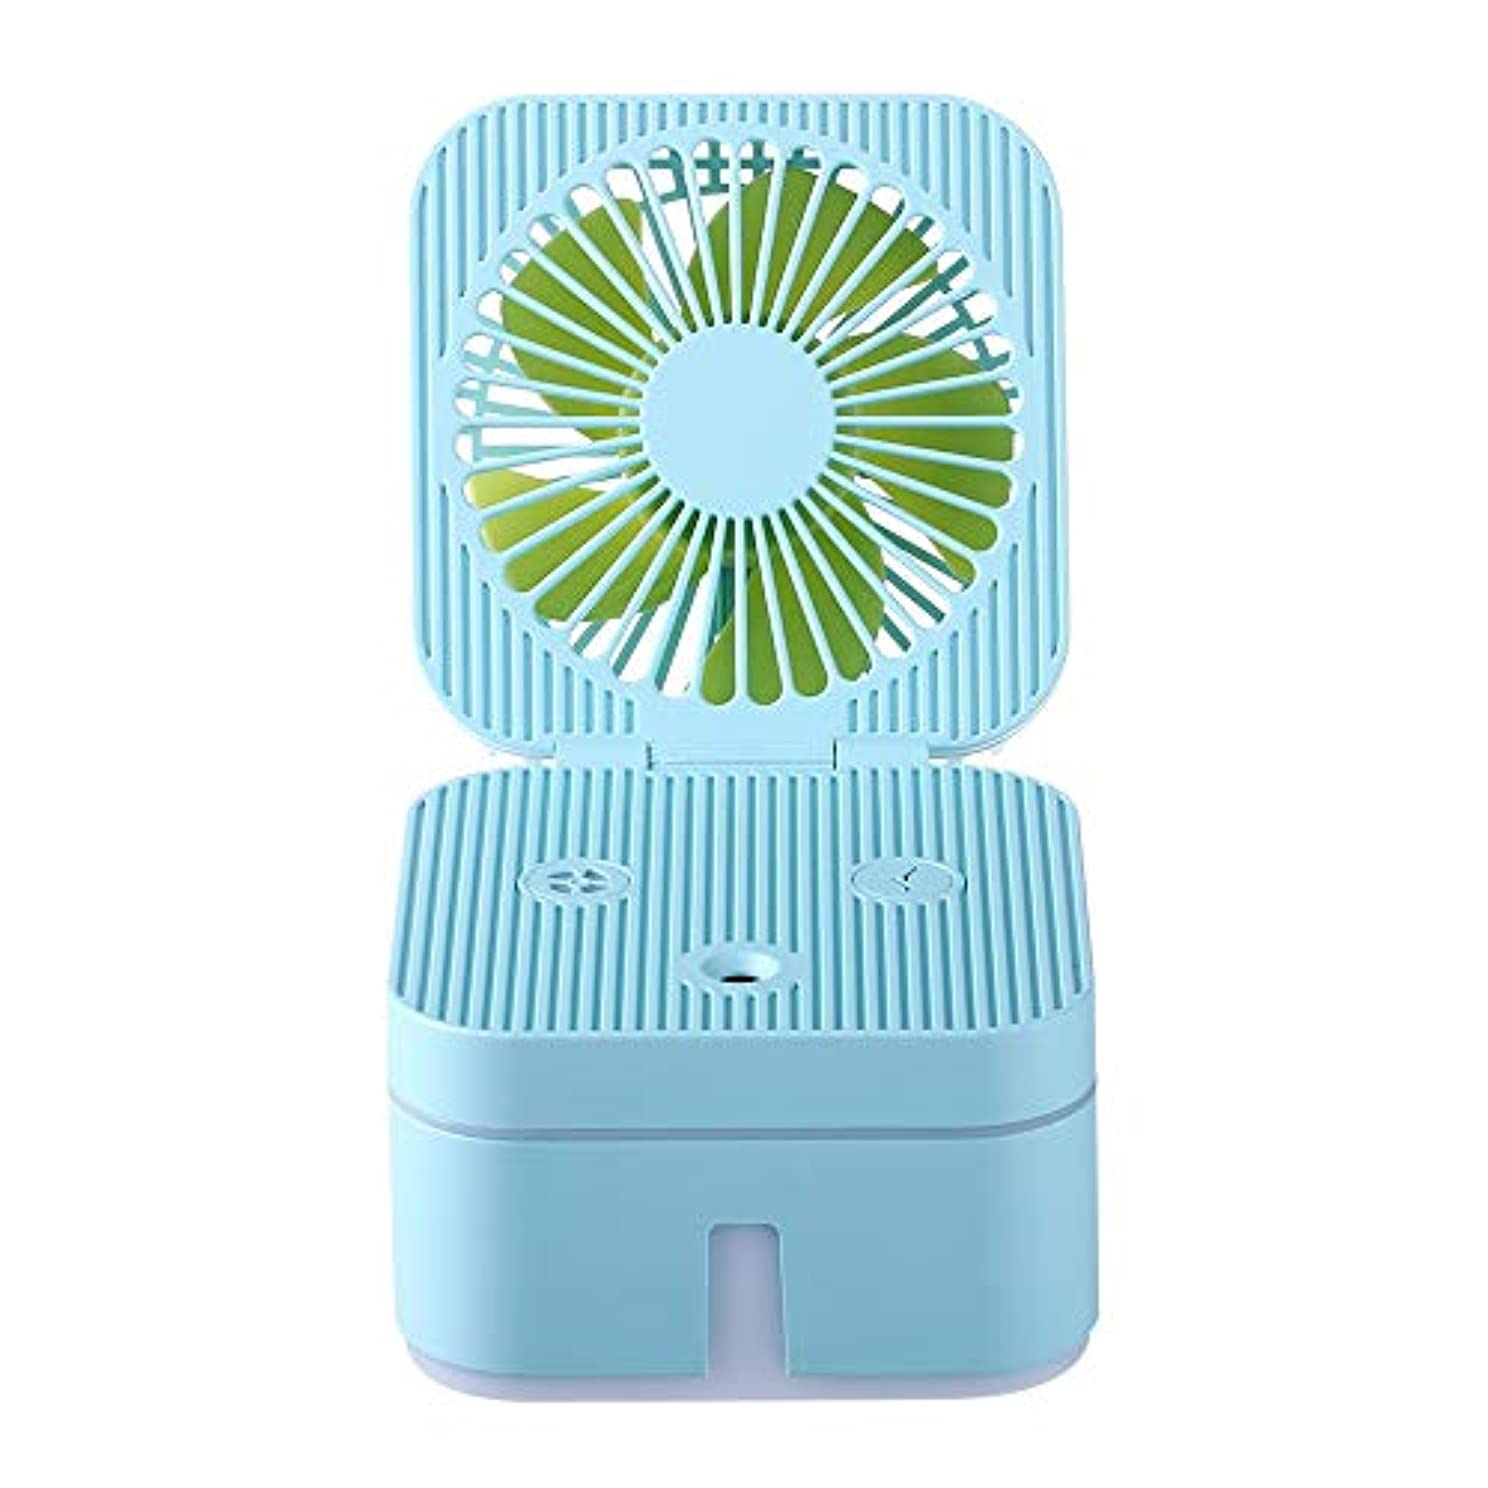 刺激する仕事発動機ZXF 容量保湿美容機器ABS素材USB充電加湿器ウォータースプレーメーターブルー 滑らかである